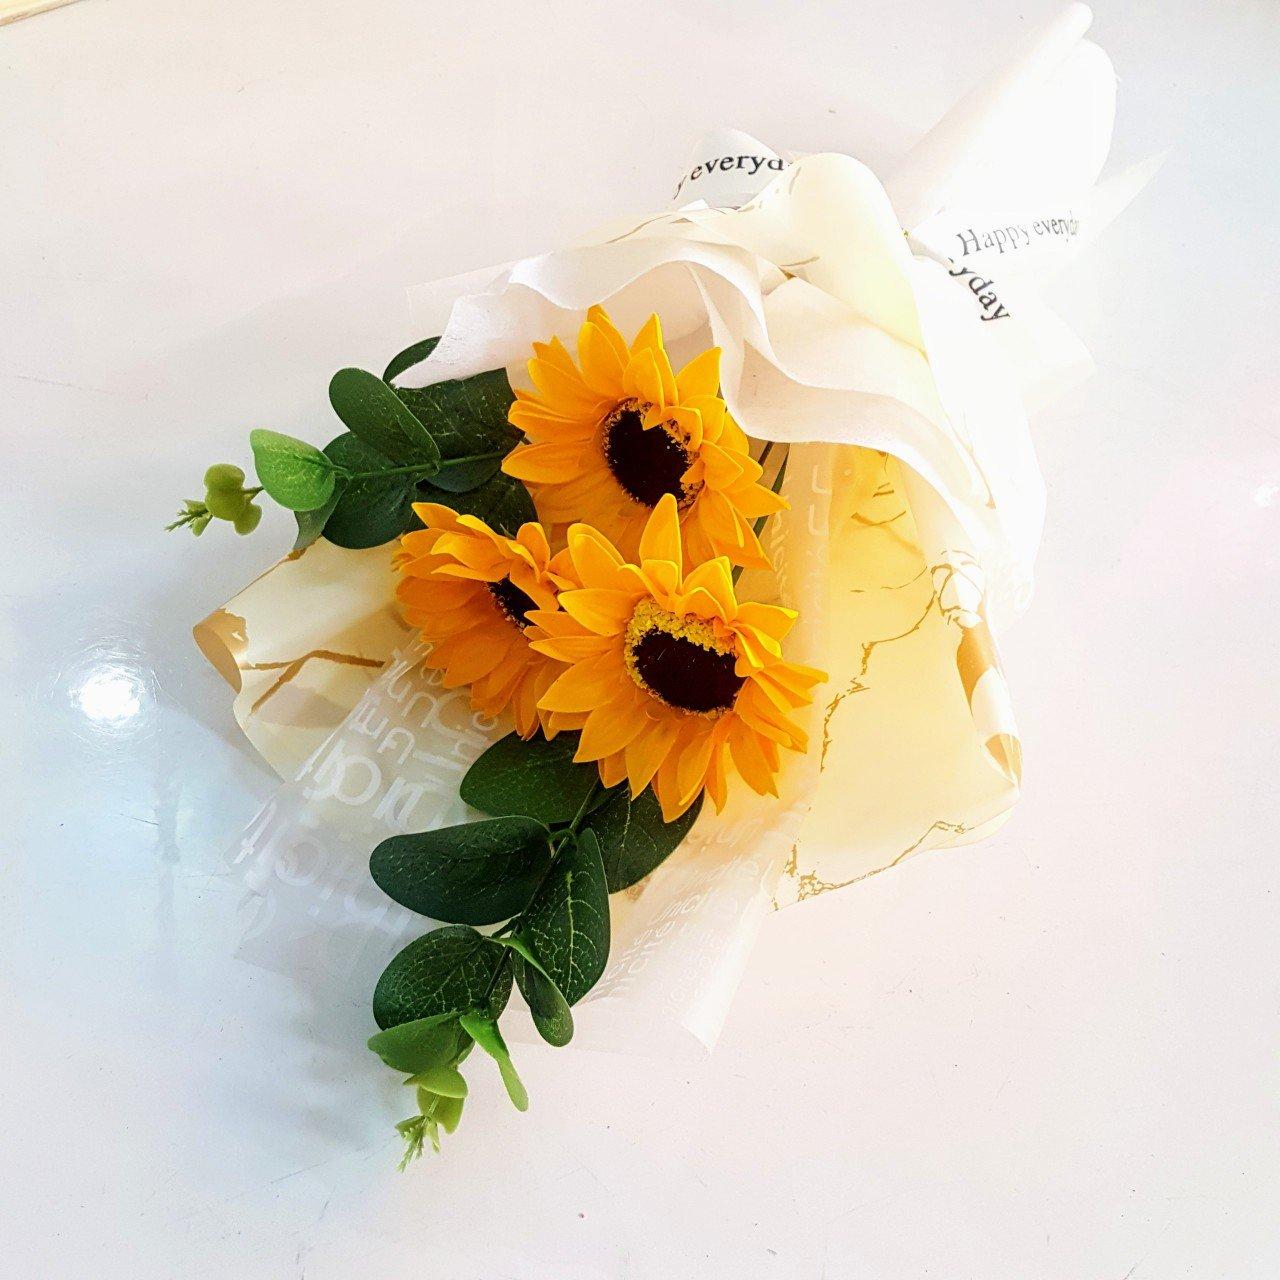 Bó Hoa Cúc quà tặng 8-3 bằng sáp - H059